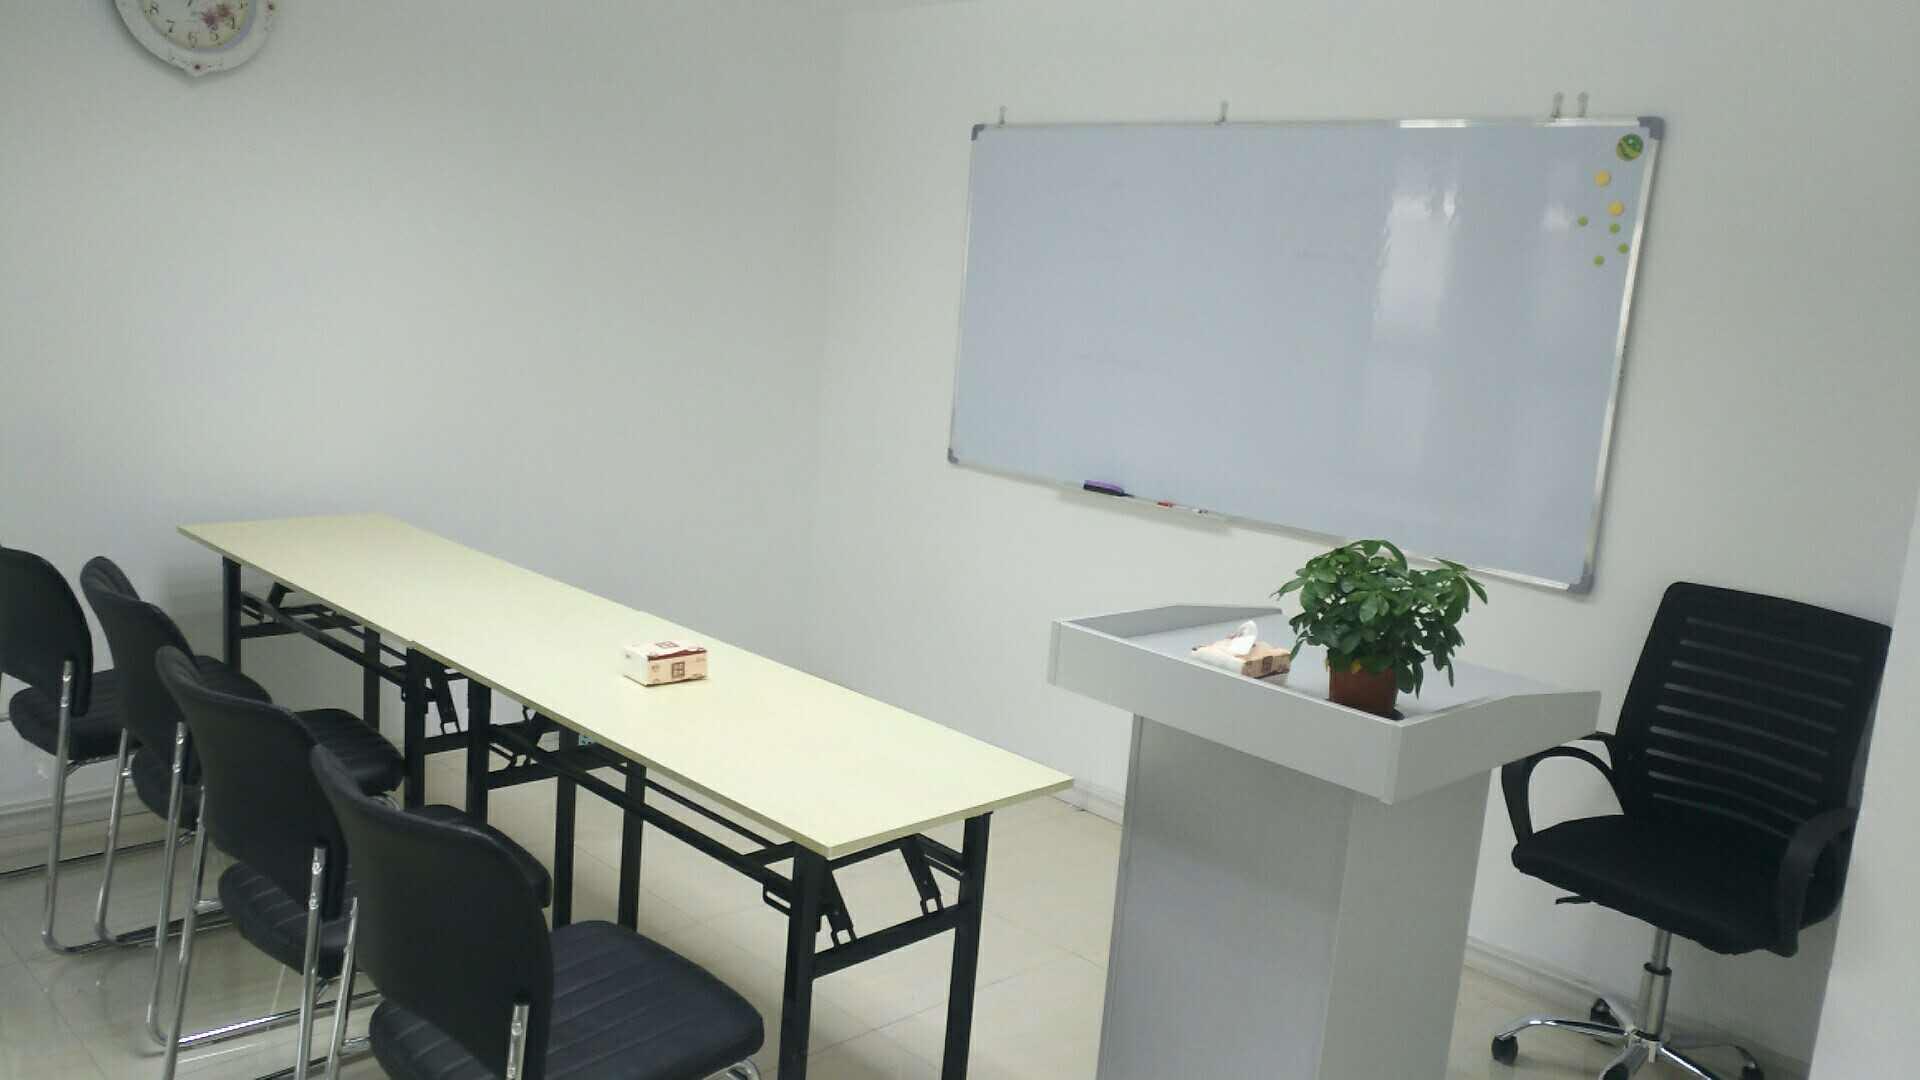 沈阳玛雅西班牙语十月免费学习了